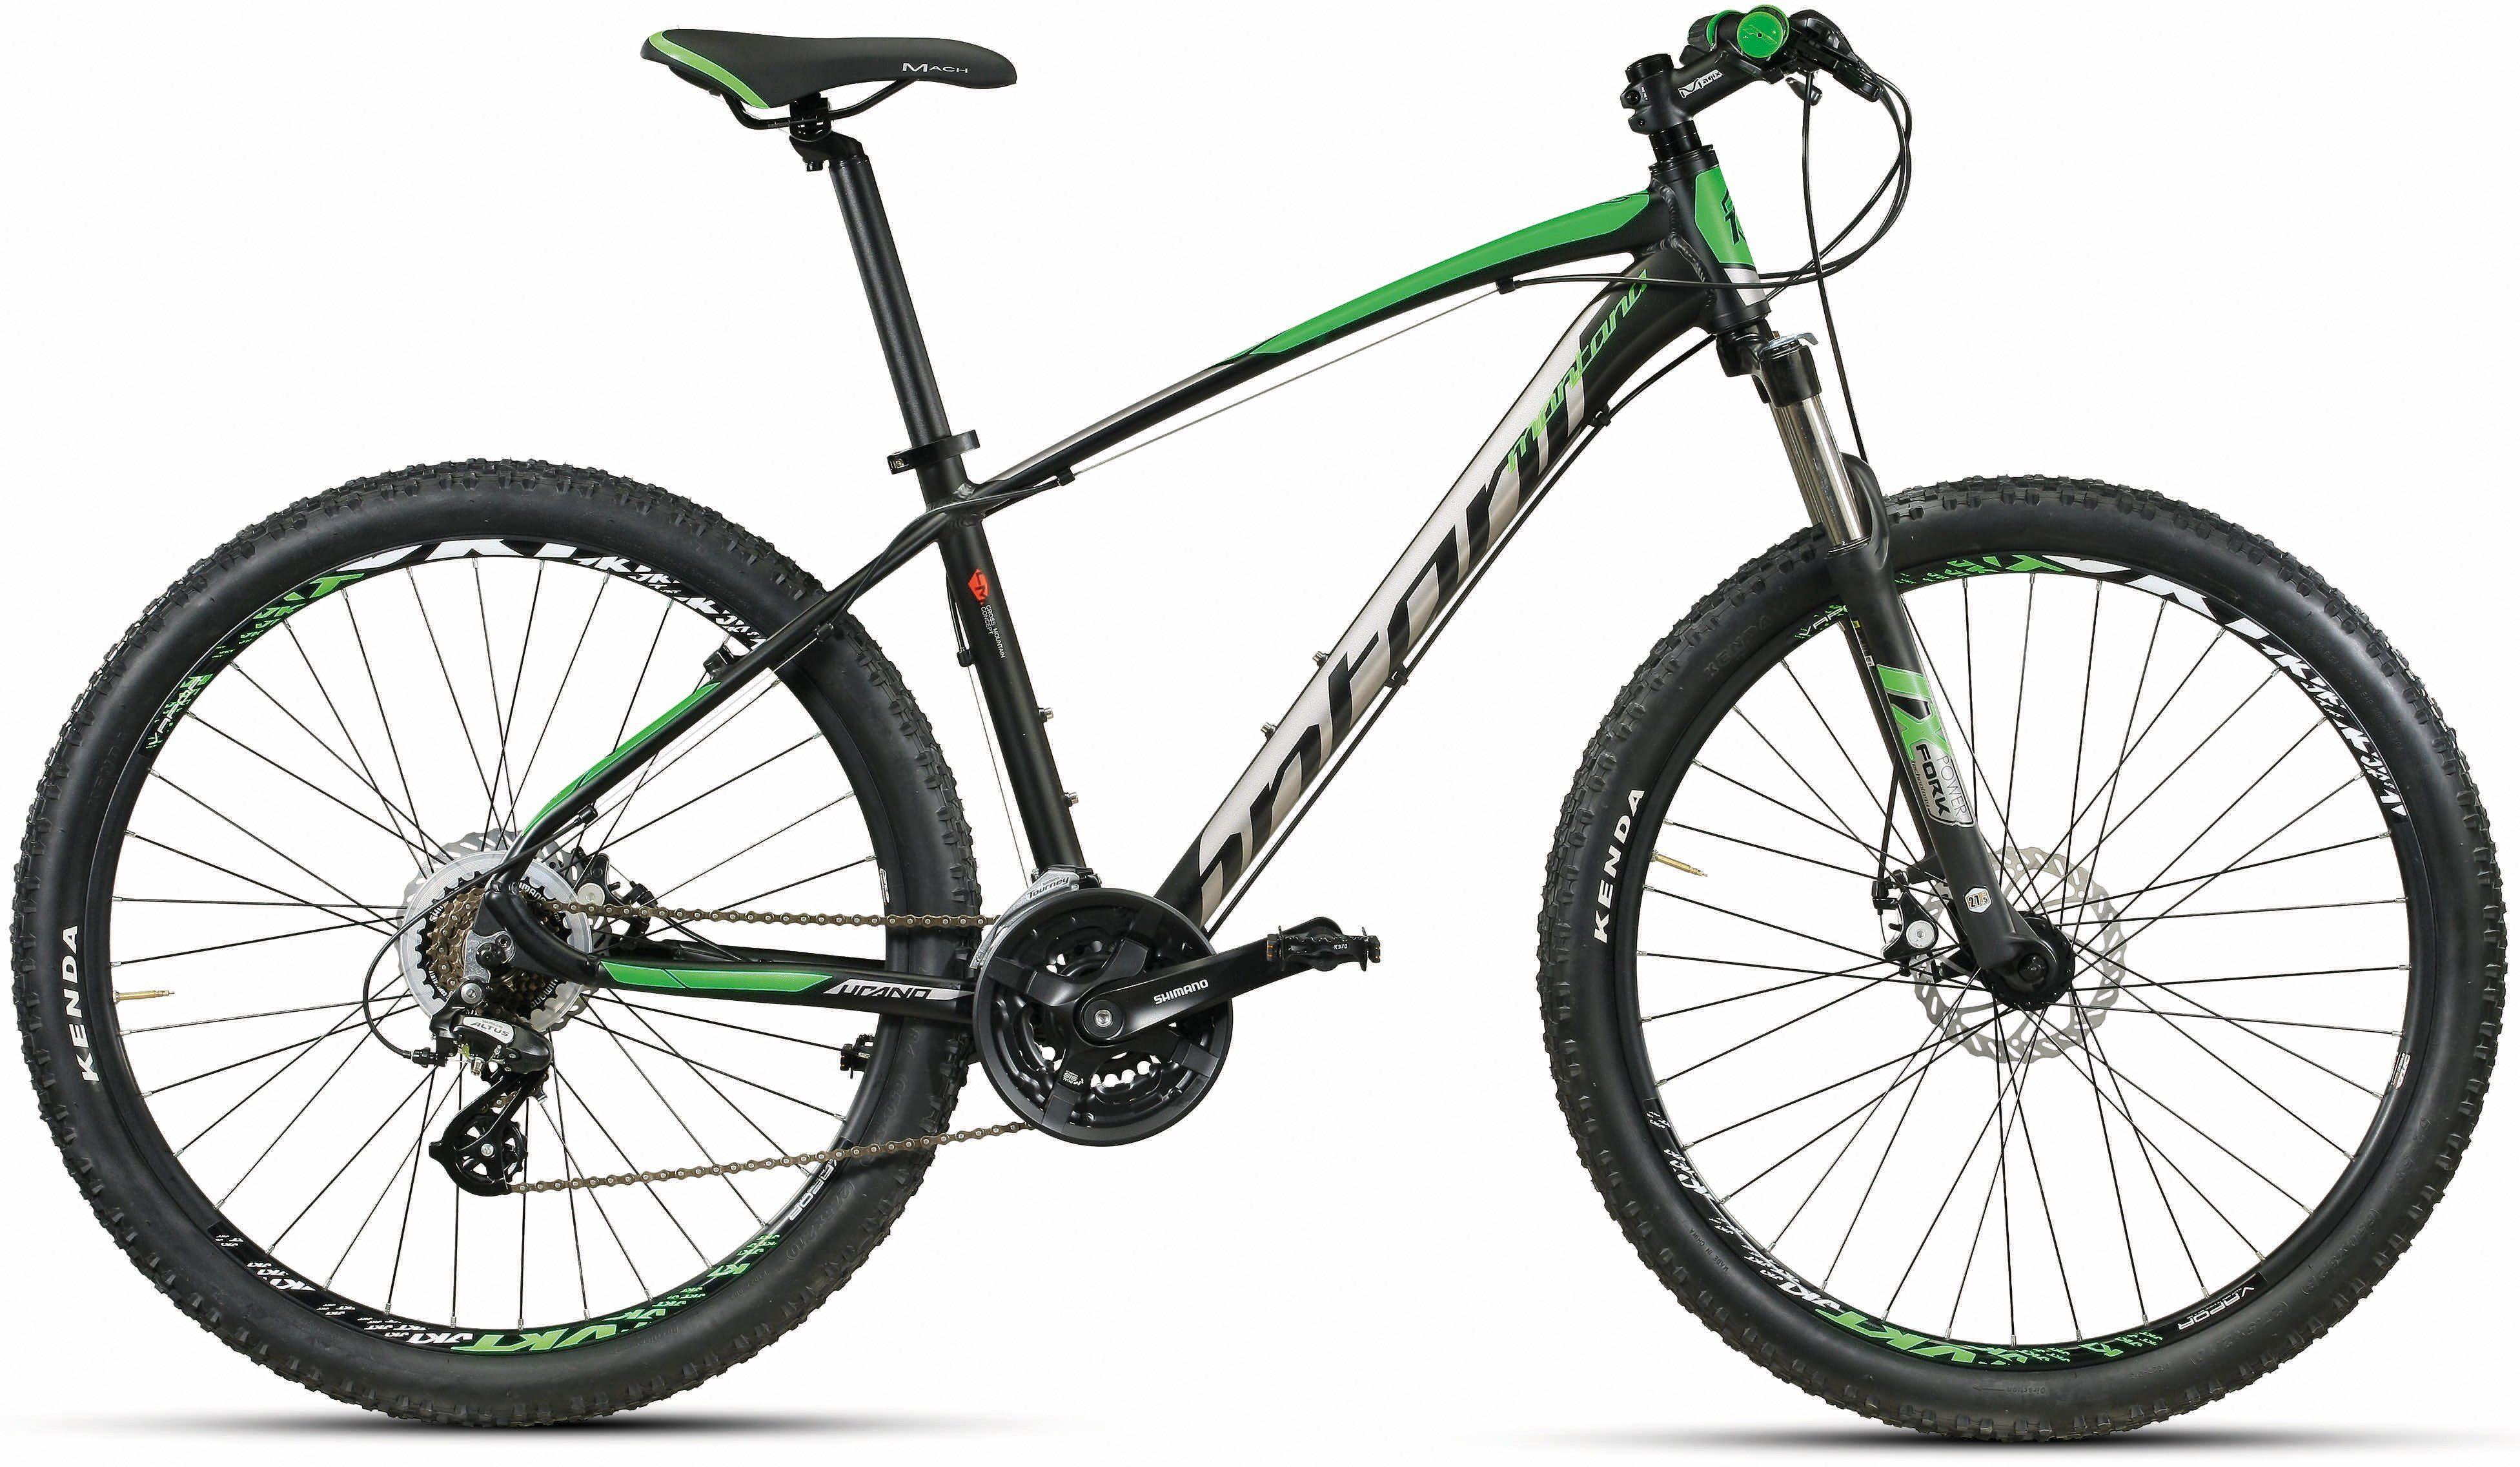 Montana Fahrräder Mountainbike »URANO H269-D«, 21 Gang Shimano Altus Schaltwerk, Kettenschaltung